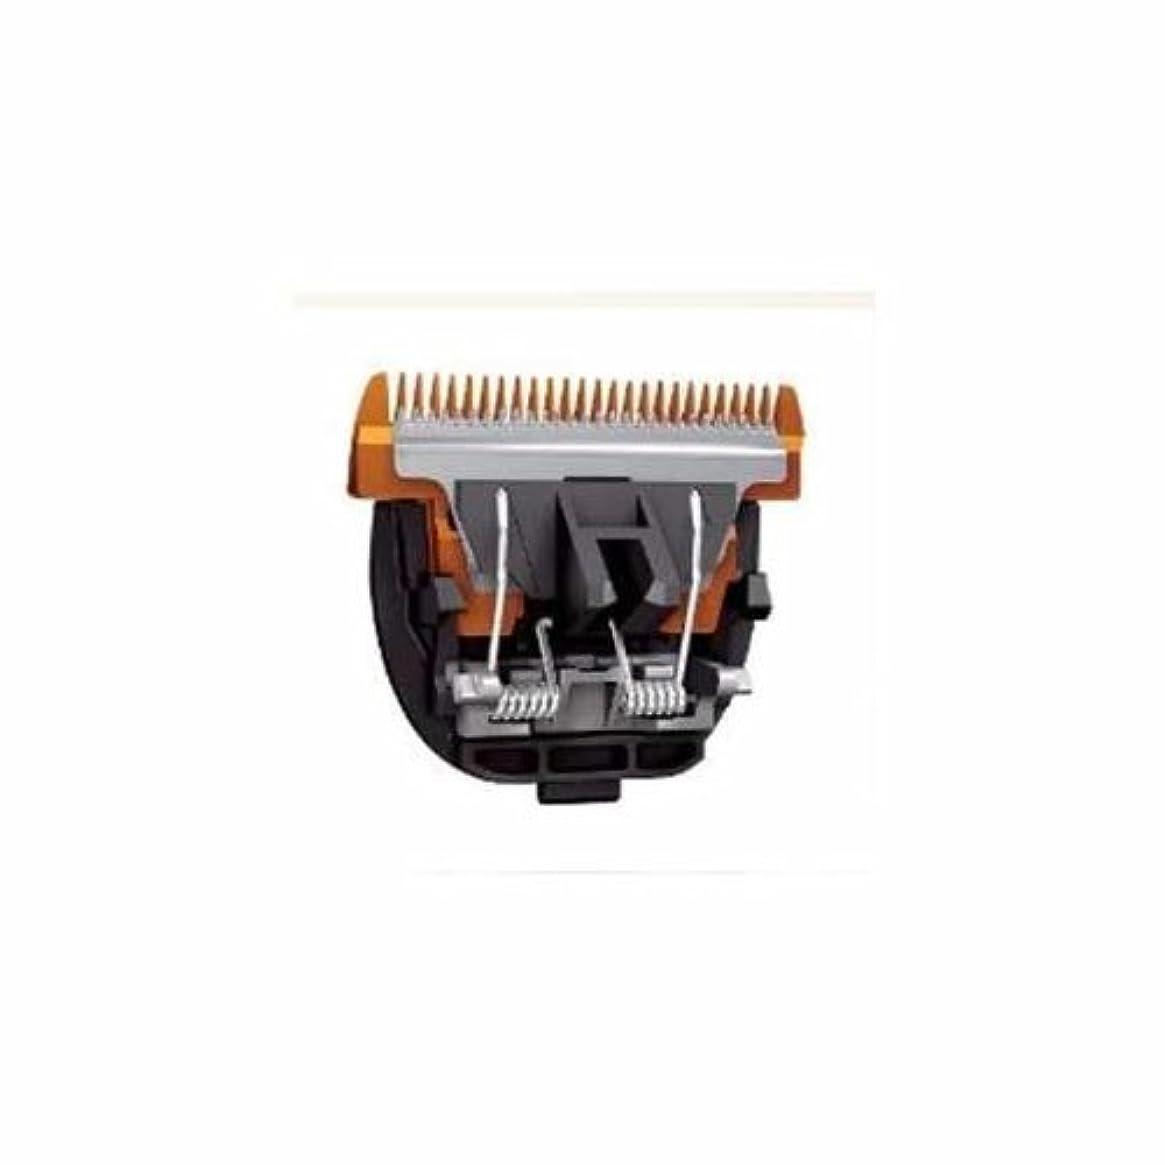 議題バトル発明するパナソニック プロ バリカン ER1610P-K/ER 1510P-S/ER-GP80用 替刃 ER-9900